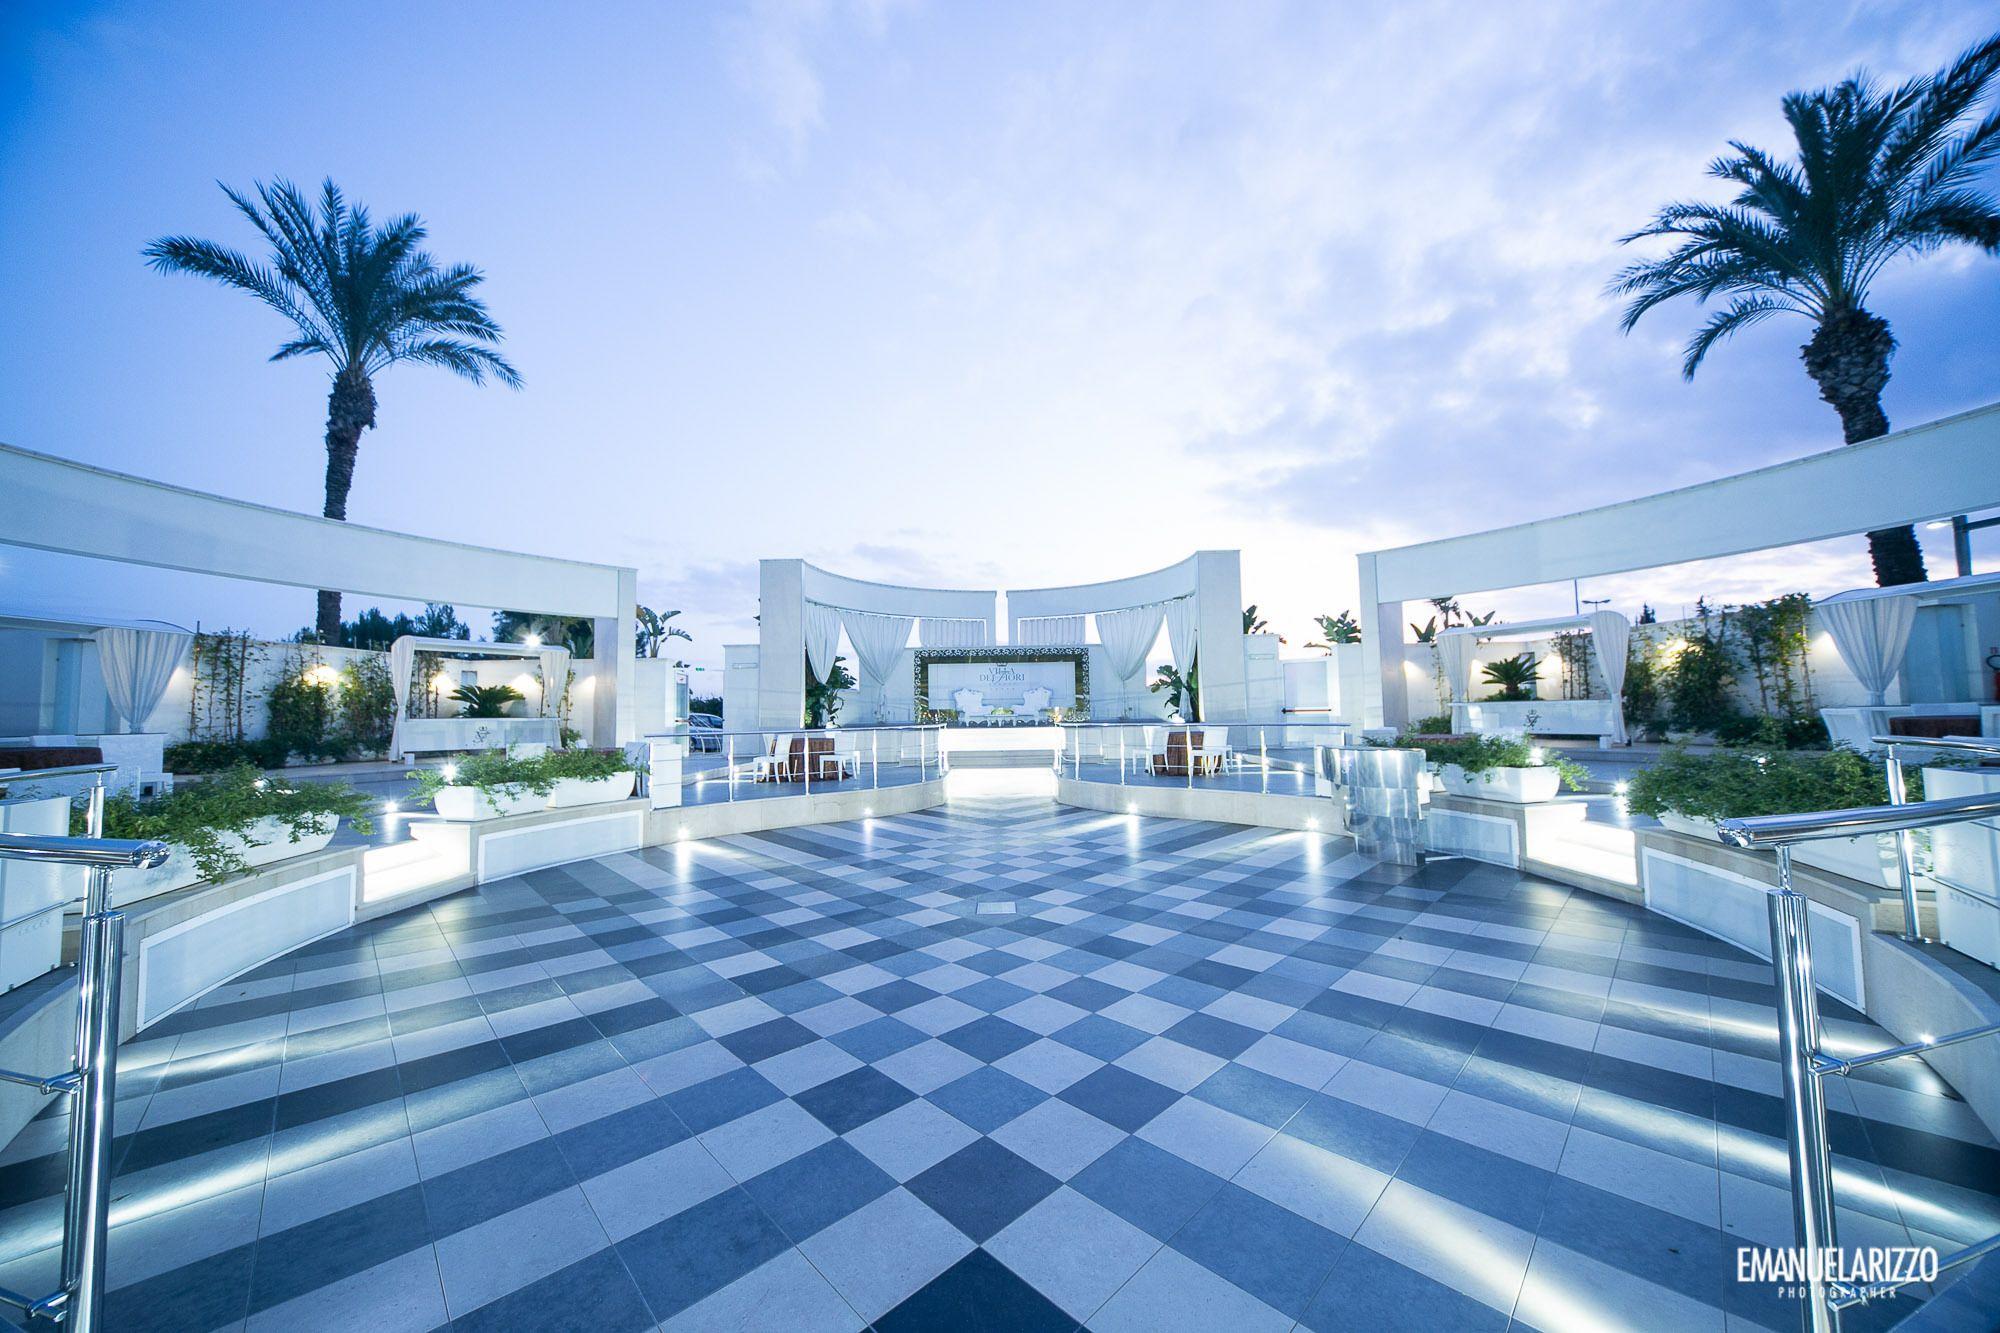 Teatro delle Feste - Villa dei Fiori